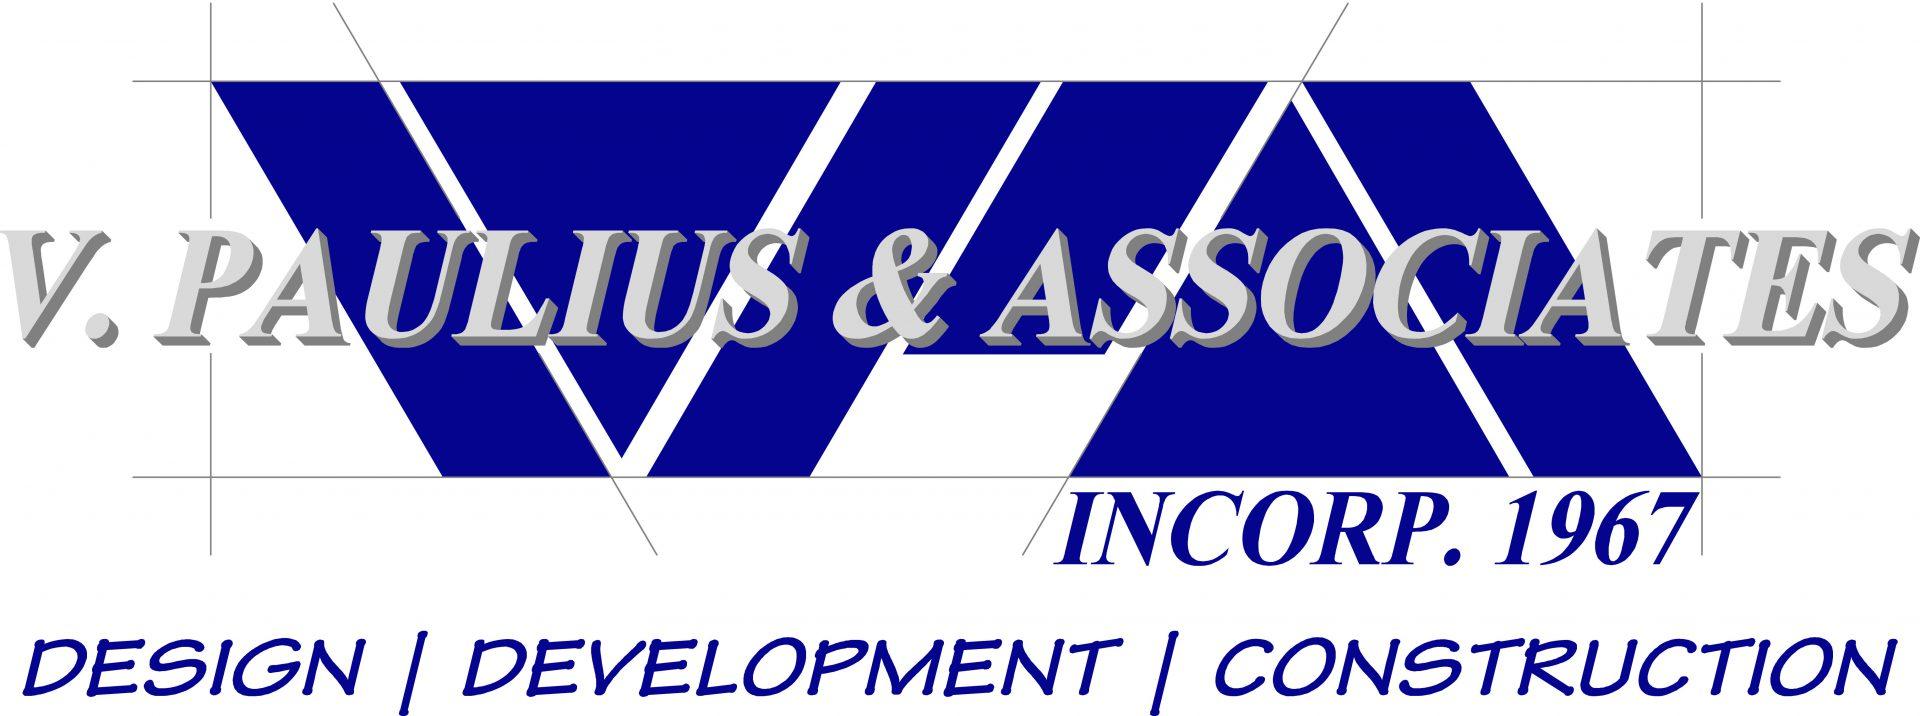 V. Paulius and Associates logo